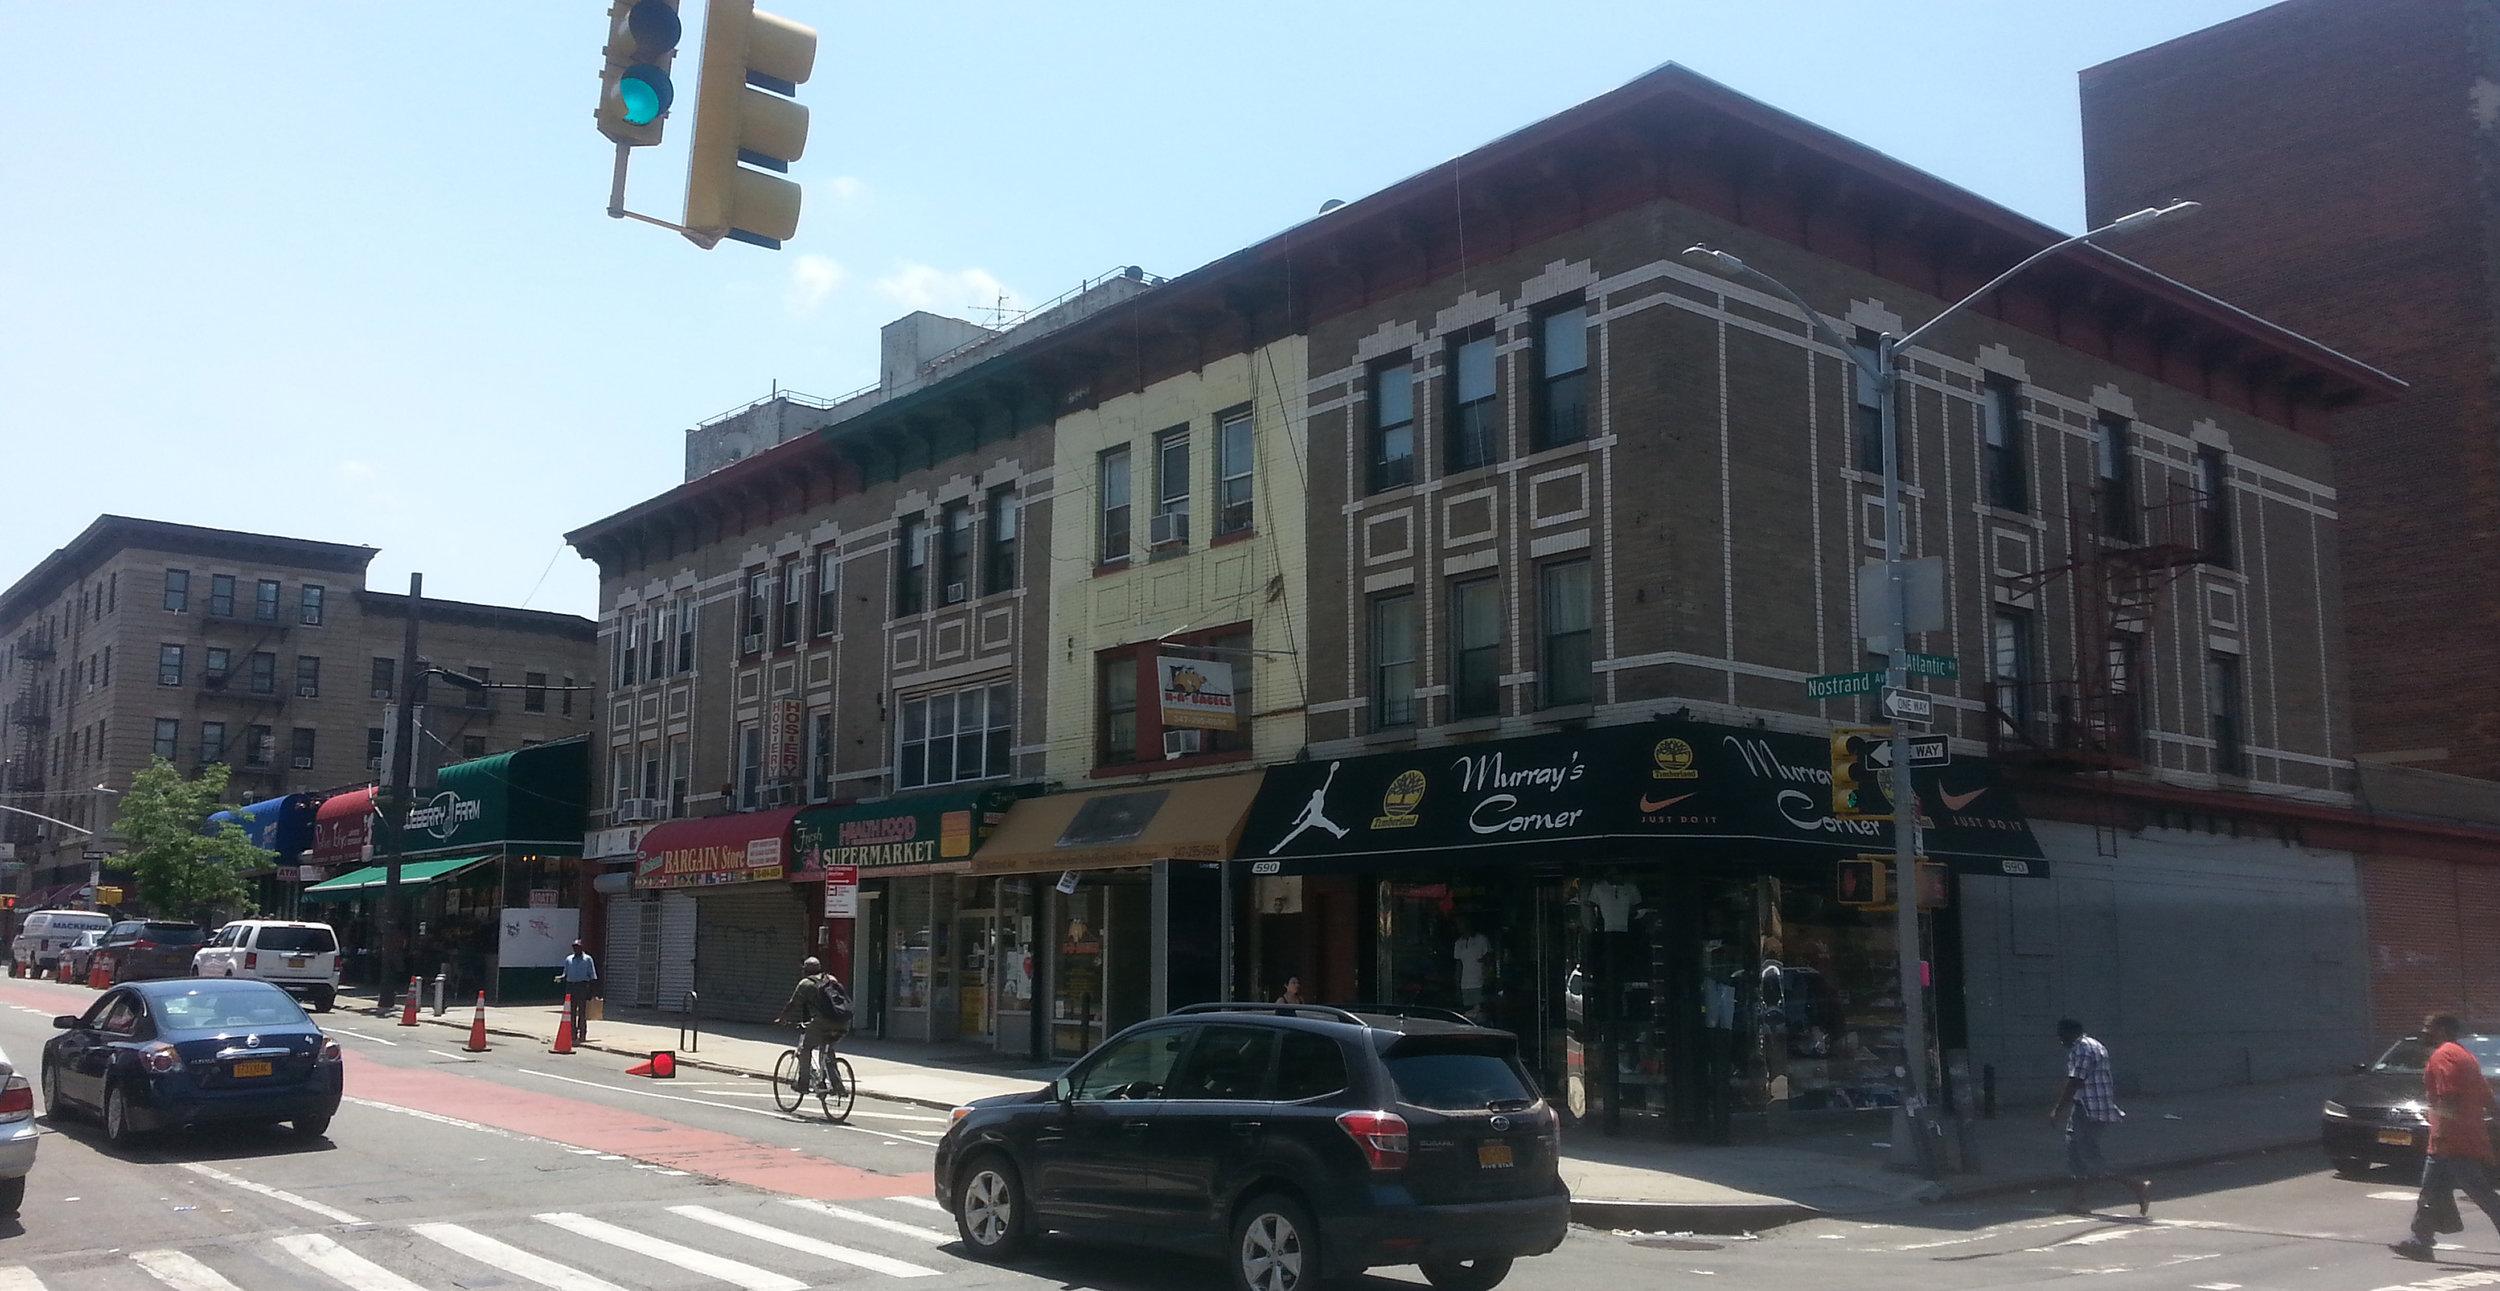 590 Nostrand Ave., Brooklyn, NY. Photo: Darryl Montgomery.